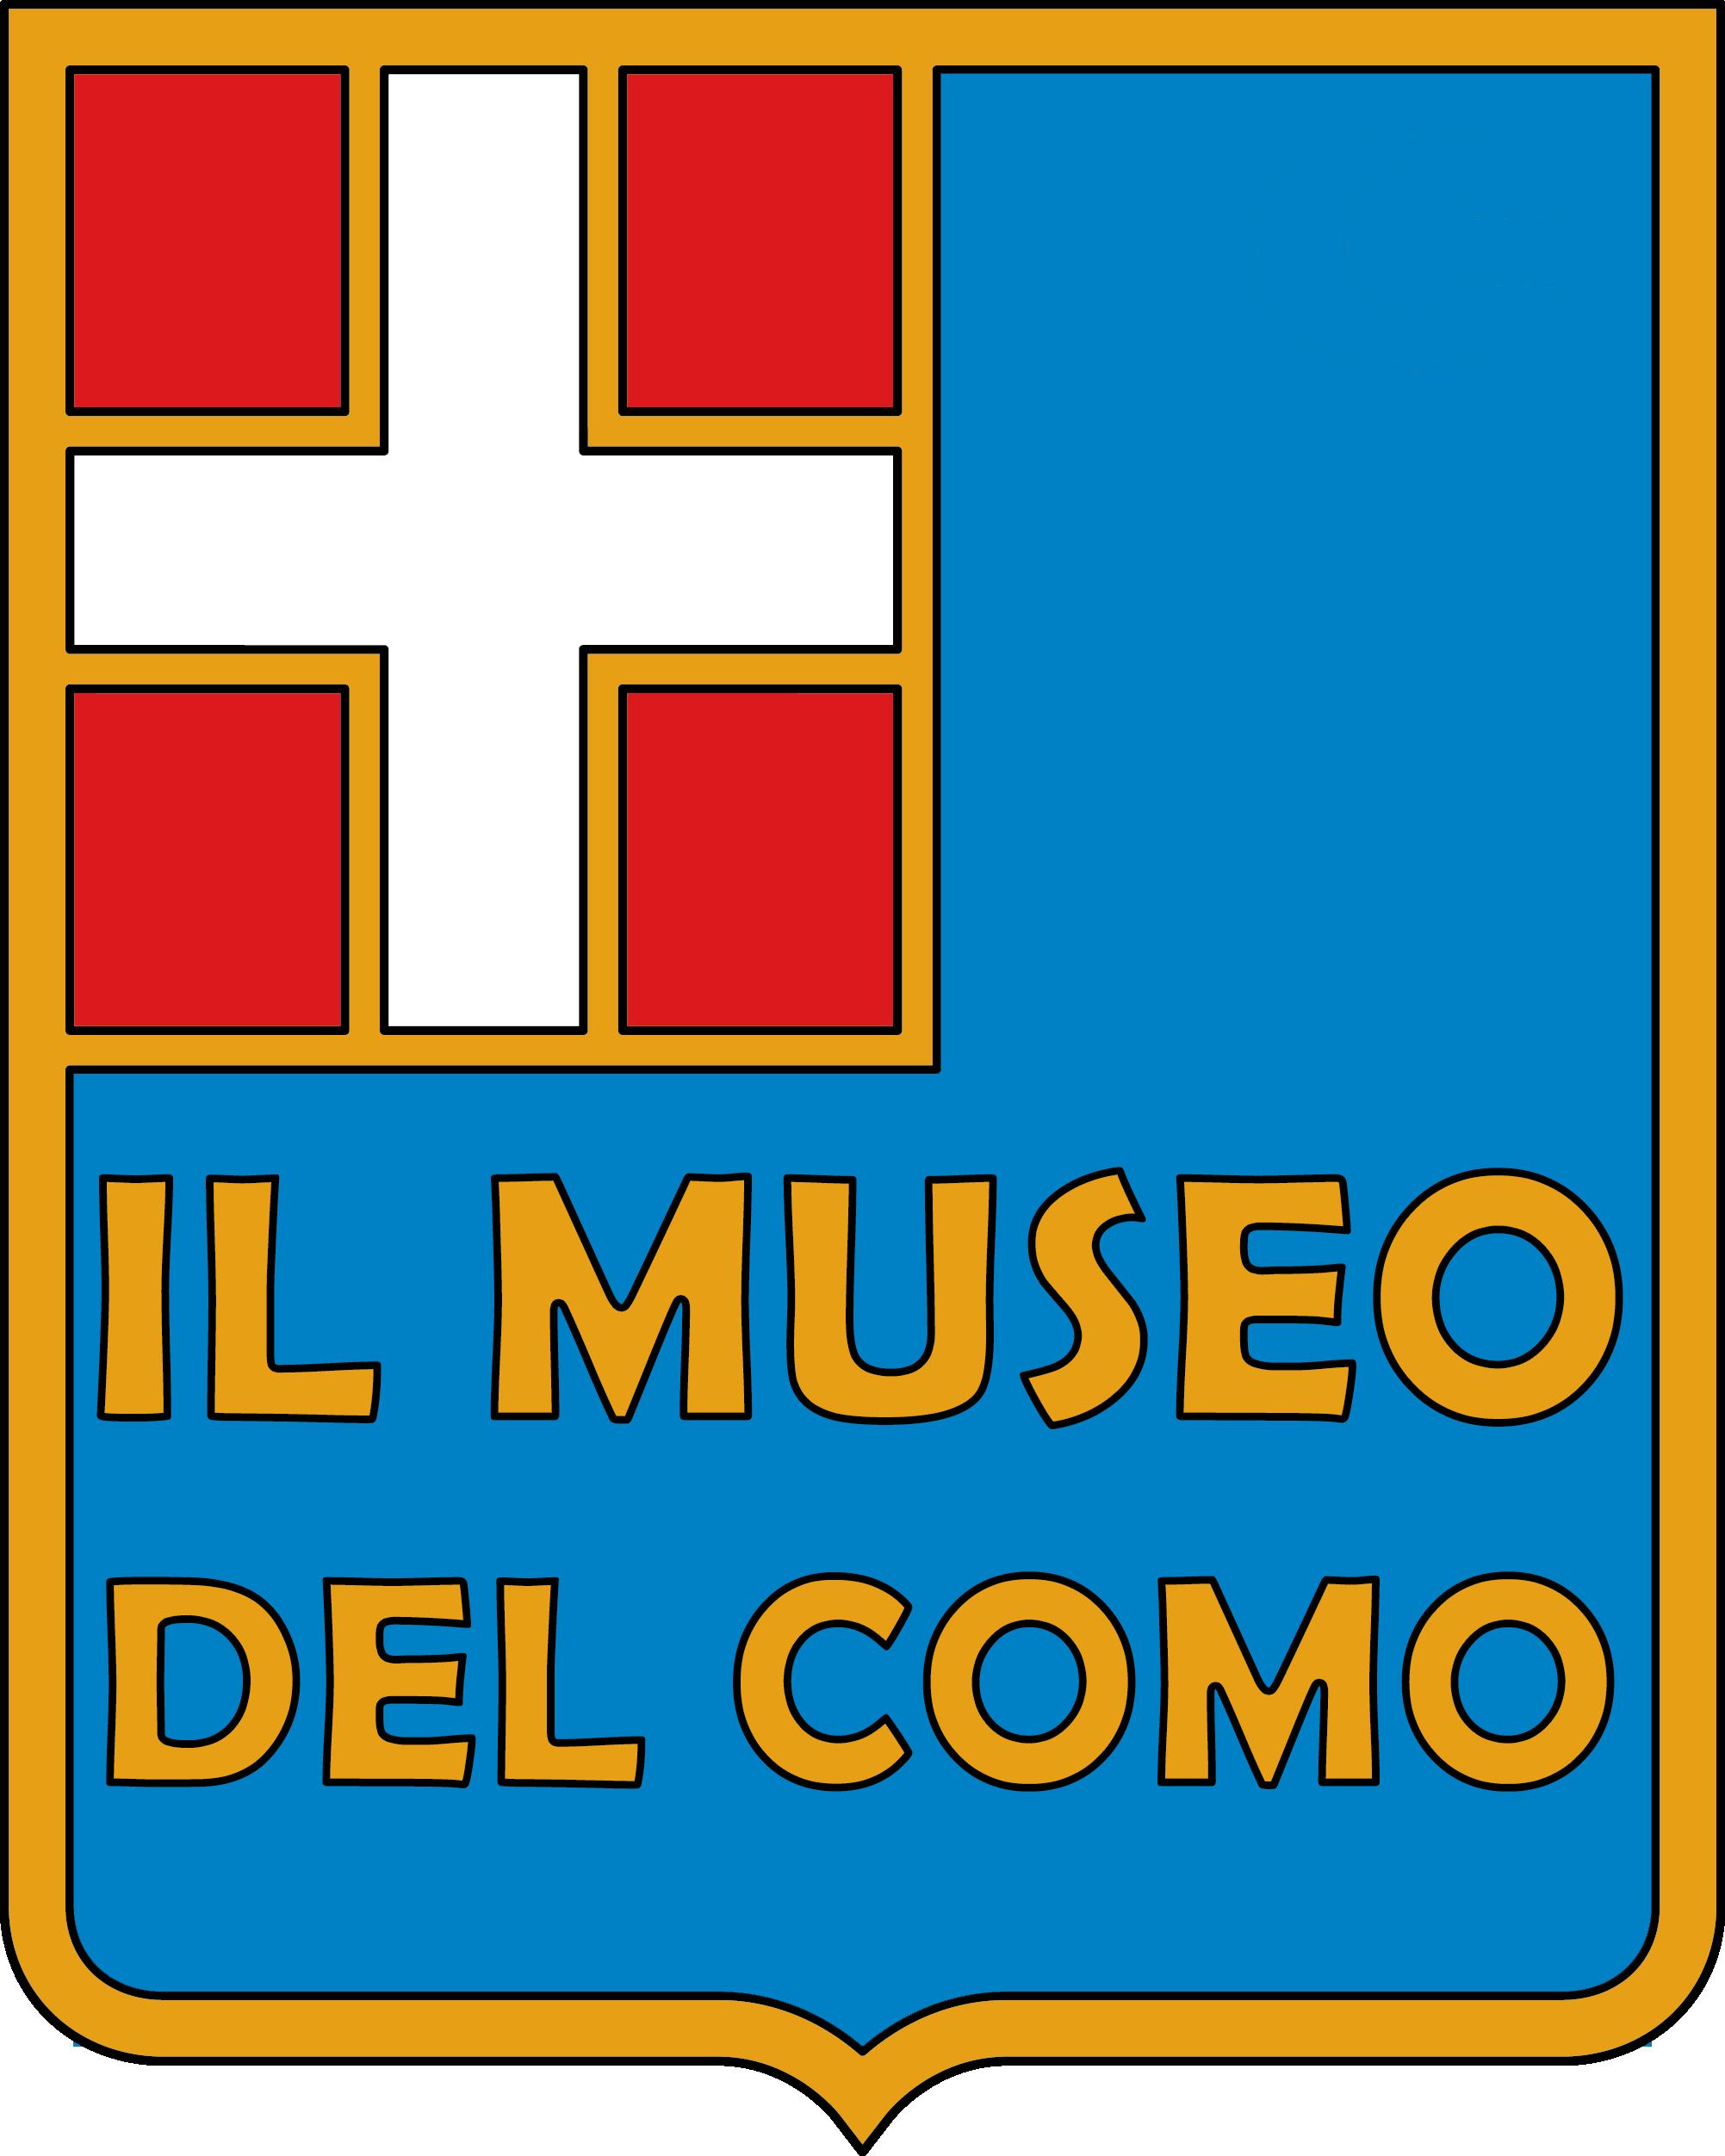 Il Museo del Como